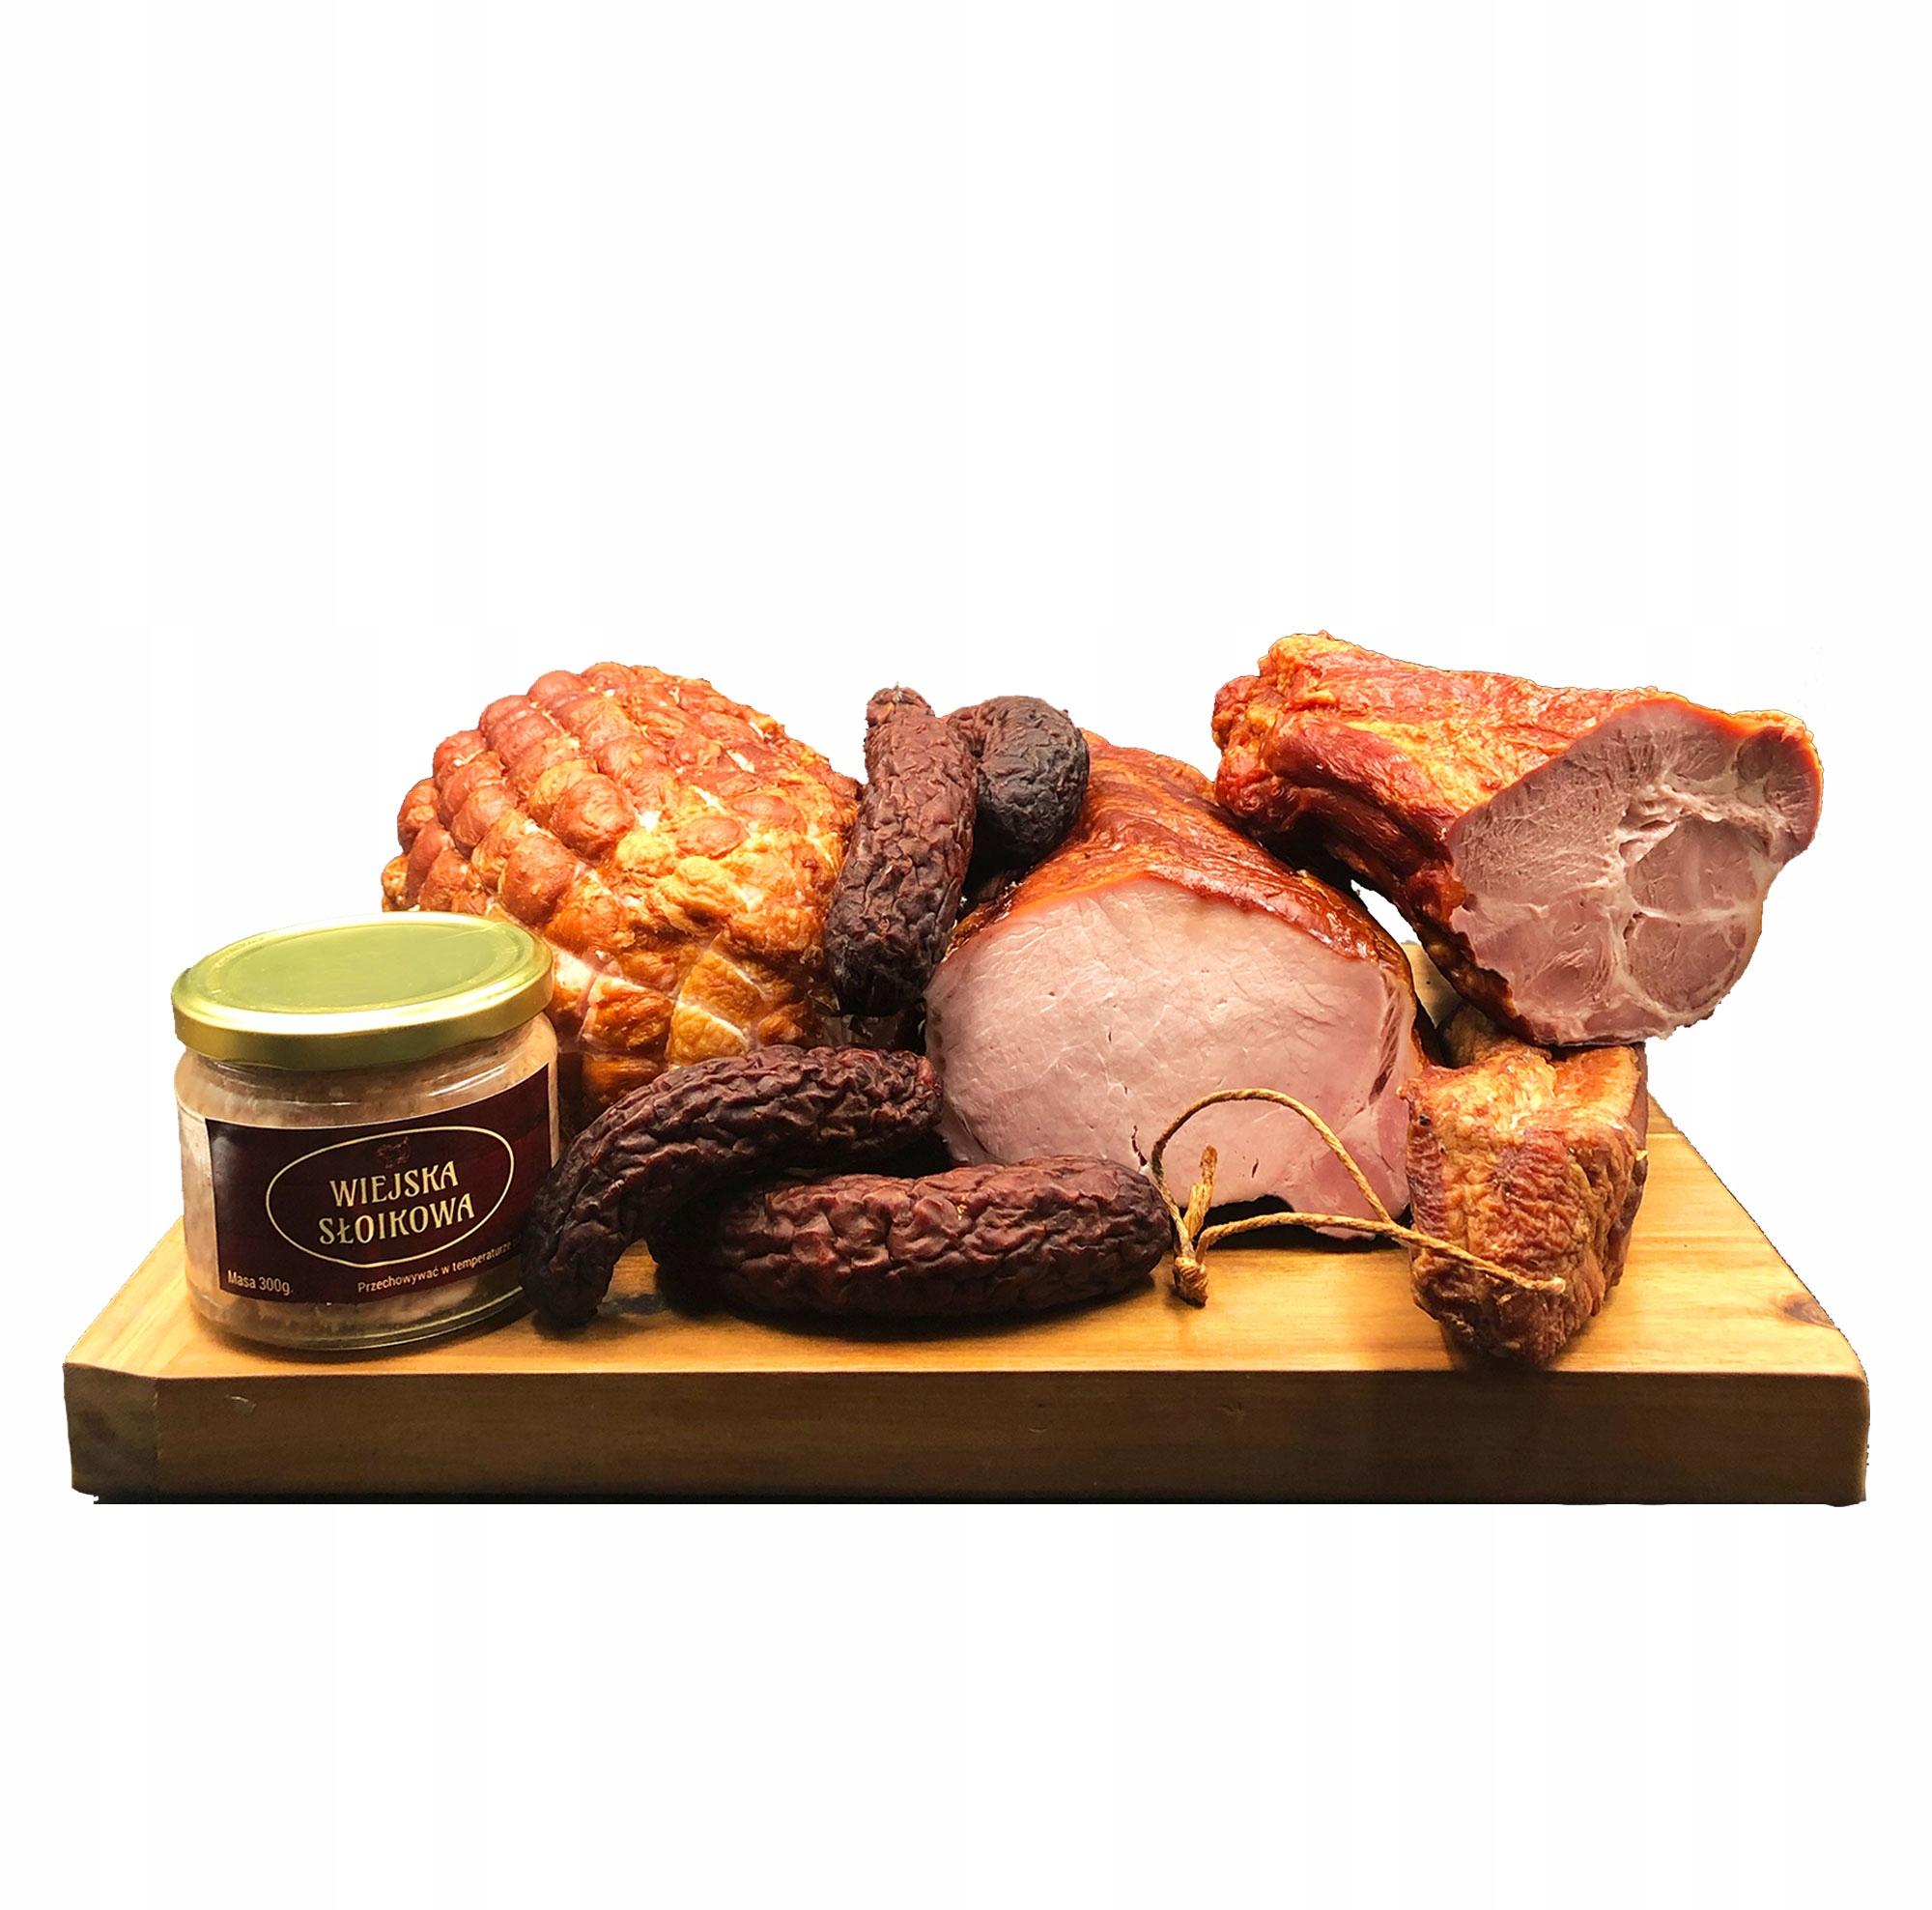 Небольшая упаковка мясного ассорти 3,5 кг - Прямо из Масарнии